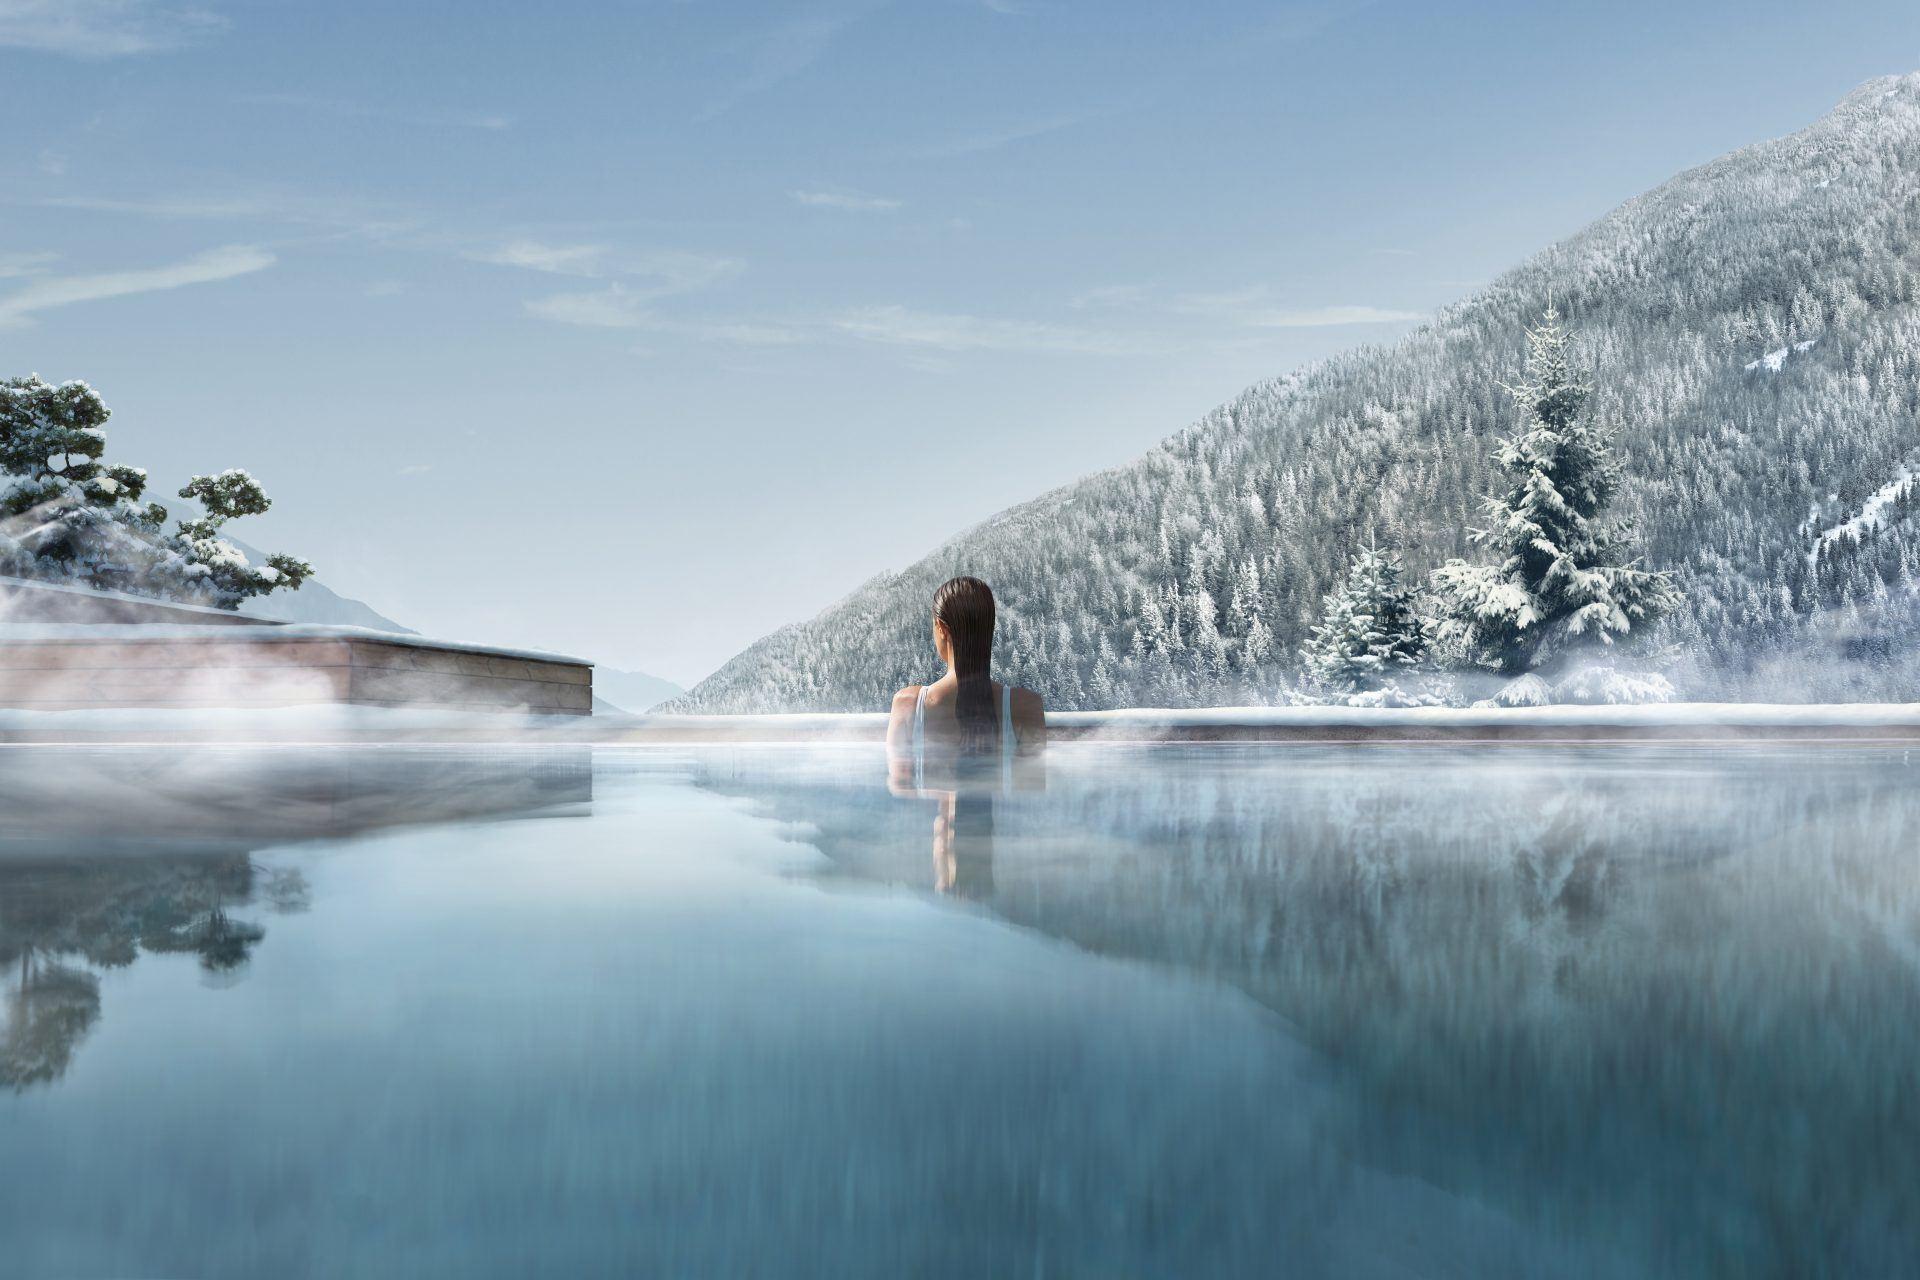 7 PISCINA INTERNA ESTERNA WINTER OUTDOOR 1920x1280 - Lefay Resort & SPA Dolomiti, Dolomiten